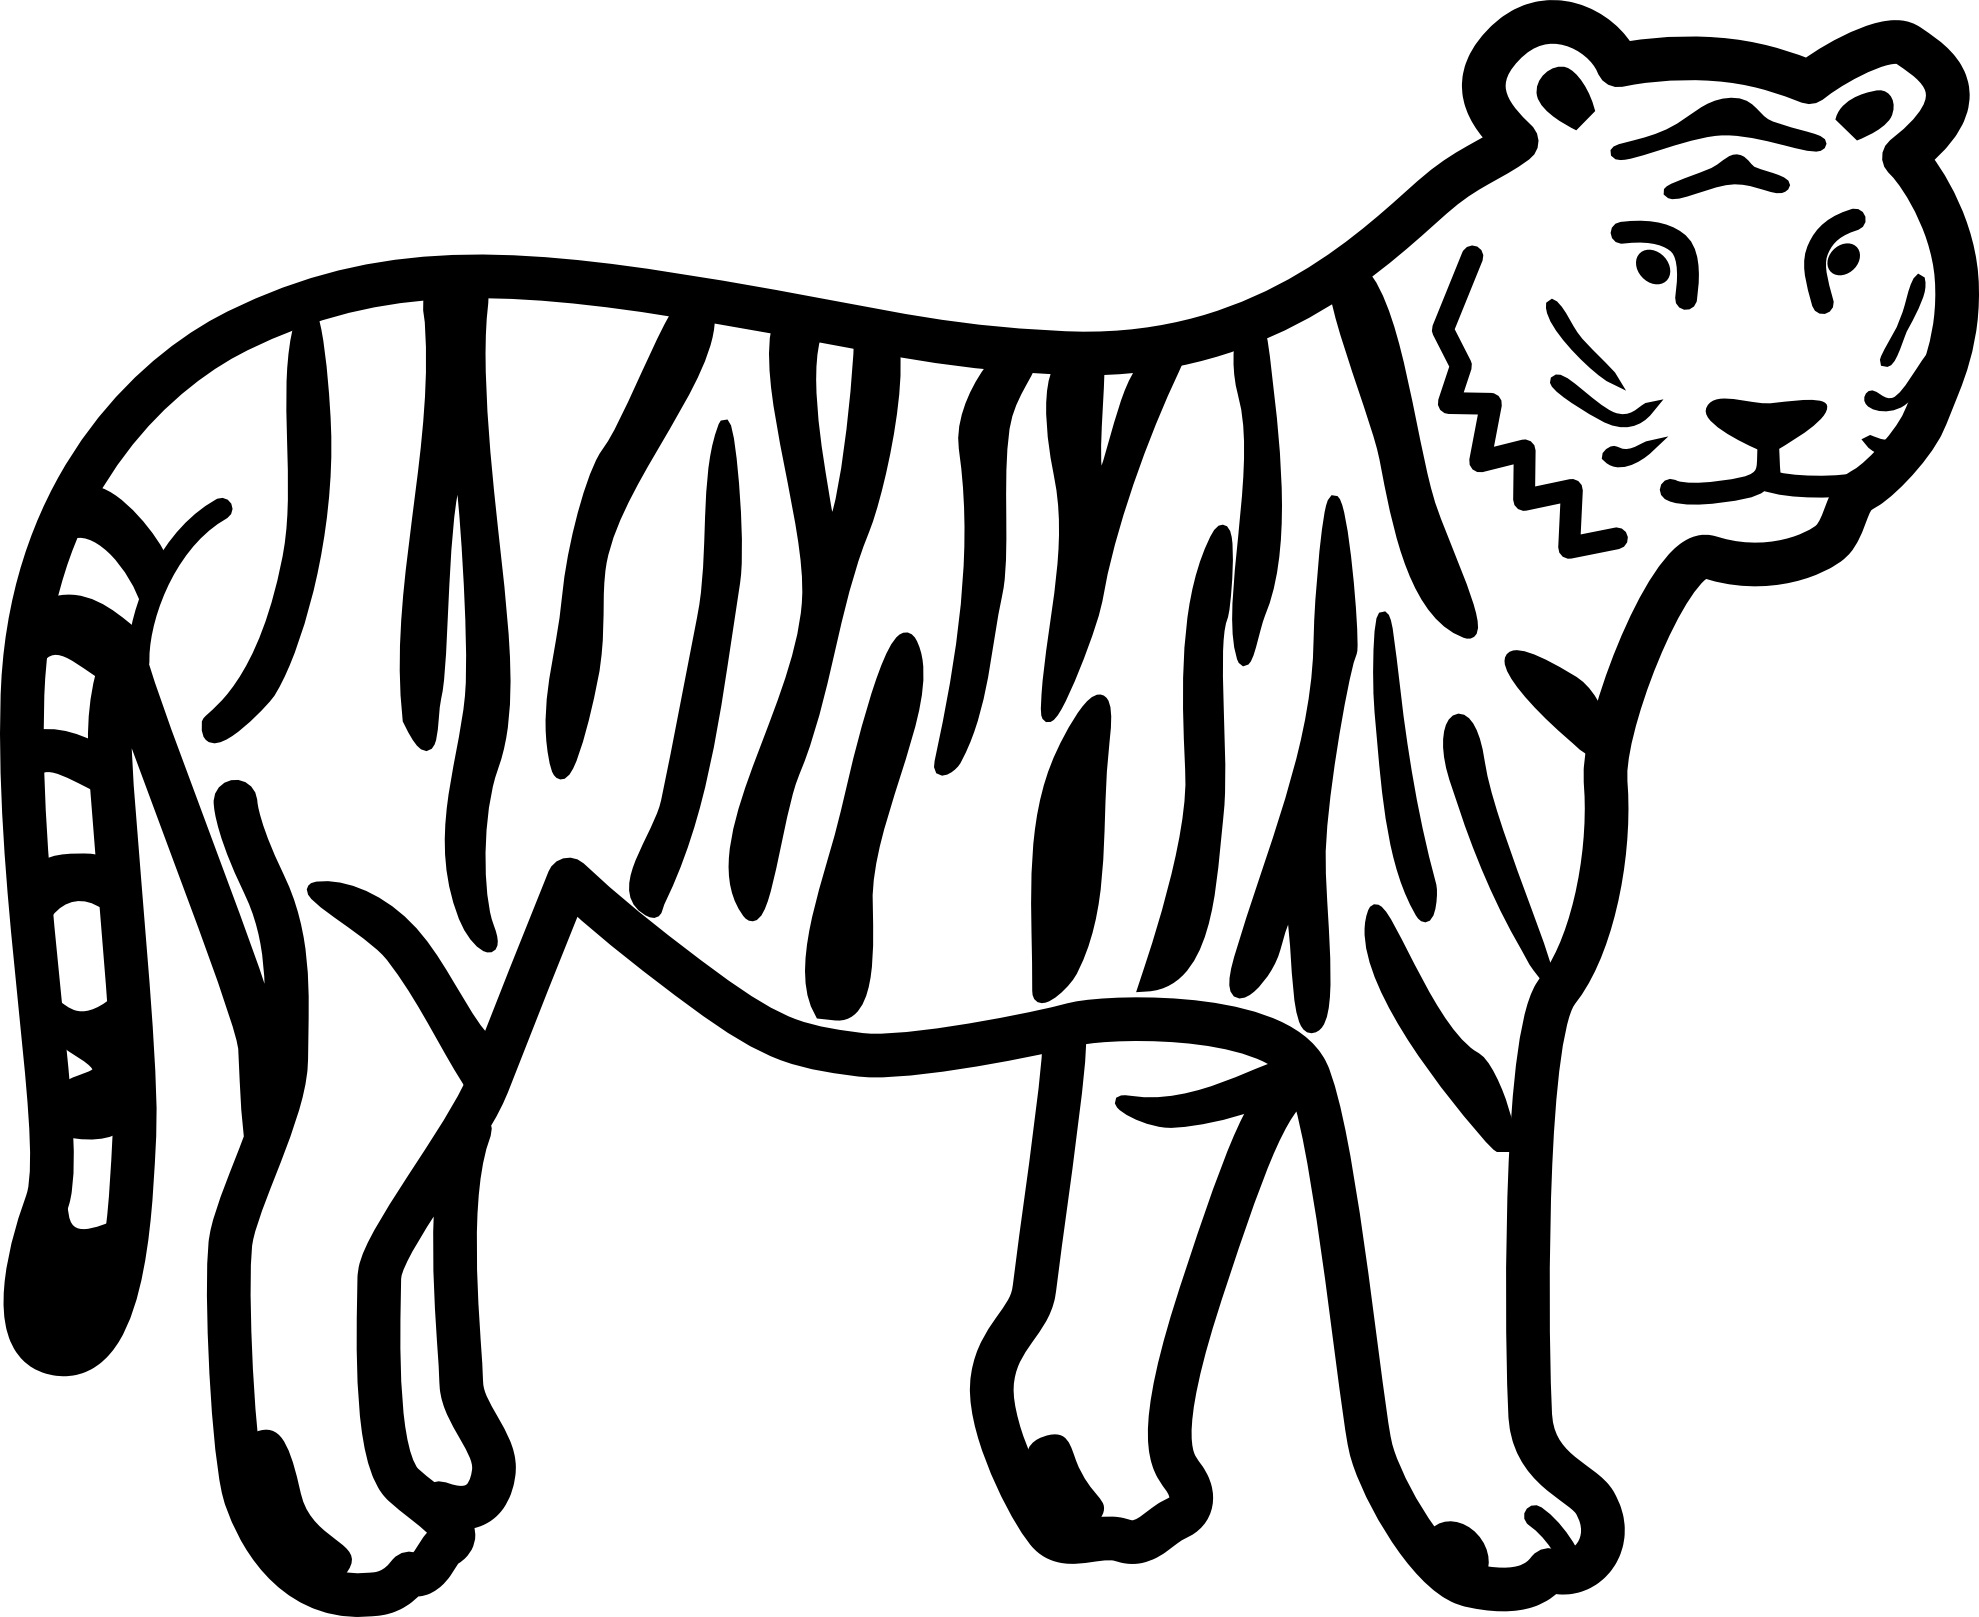 Tranh tô màu hình con hổ đơn giản